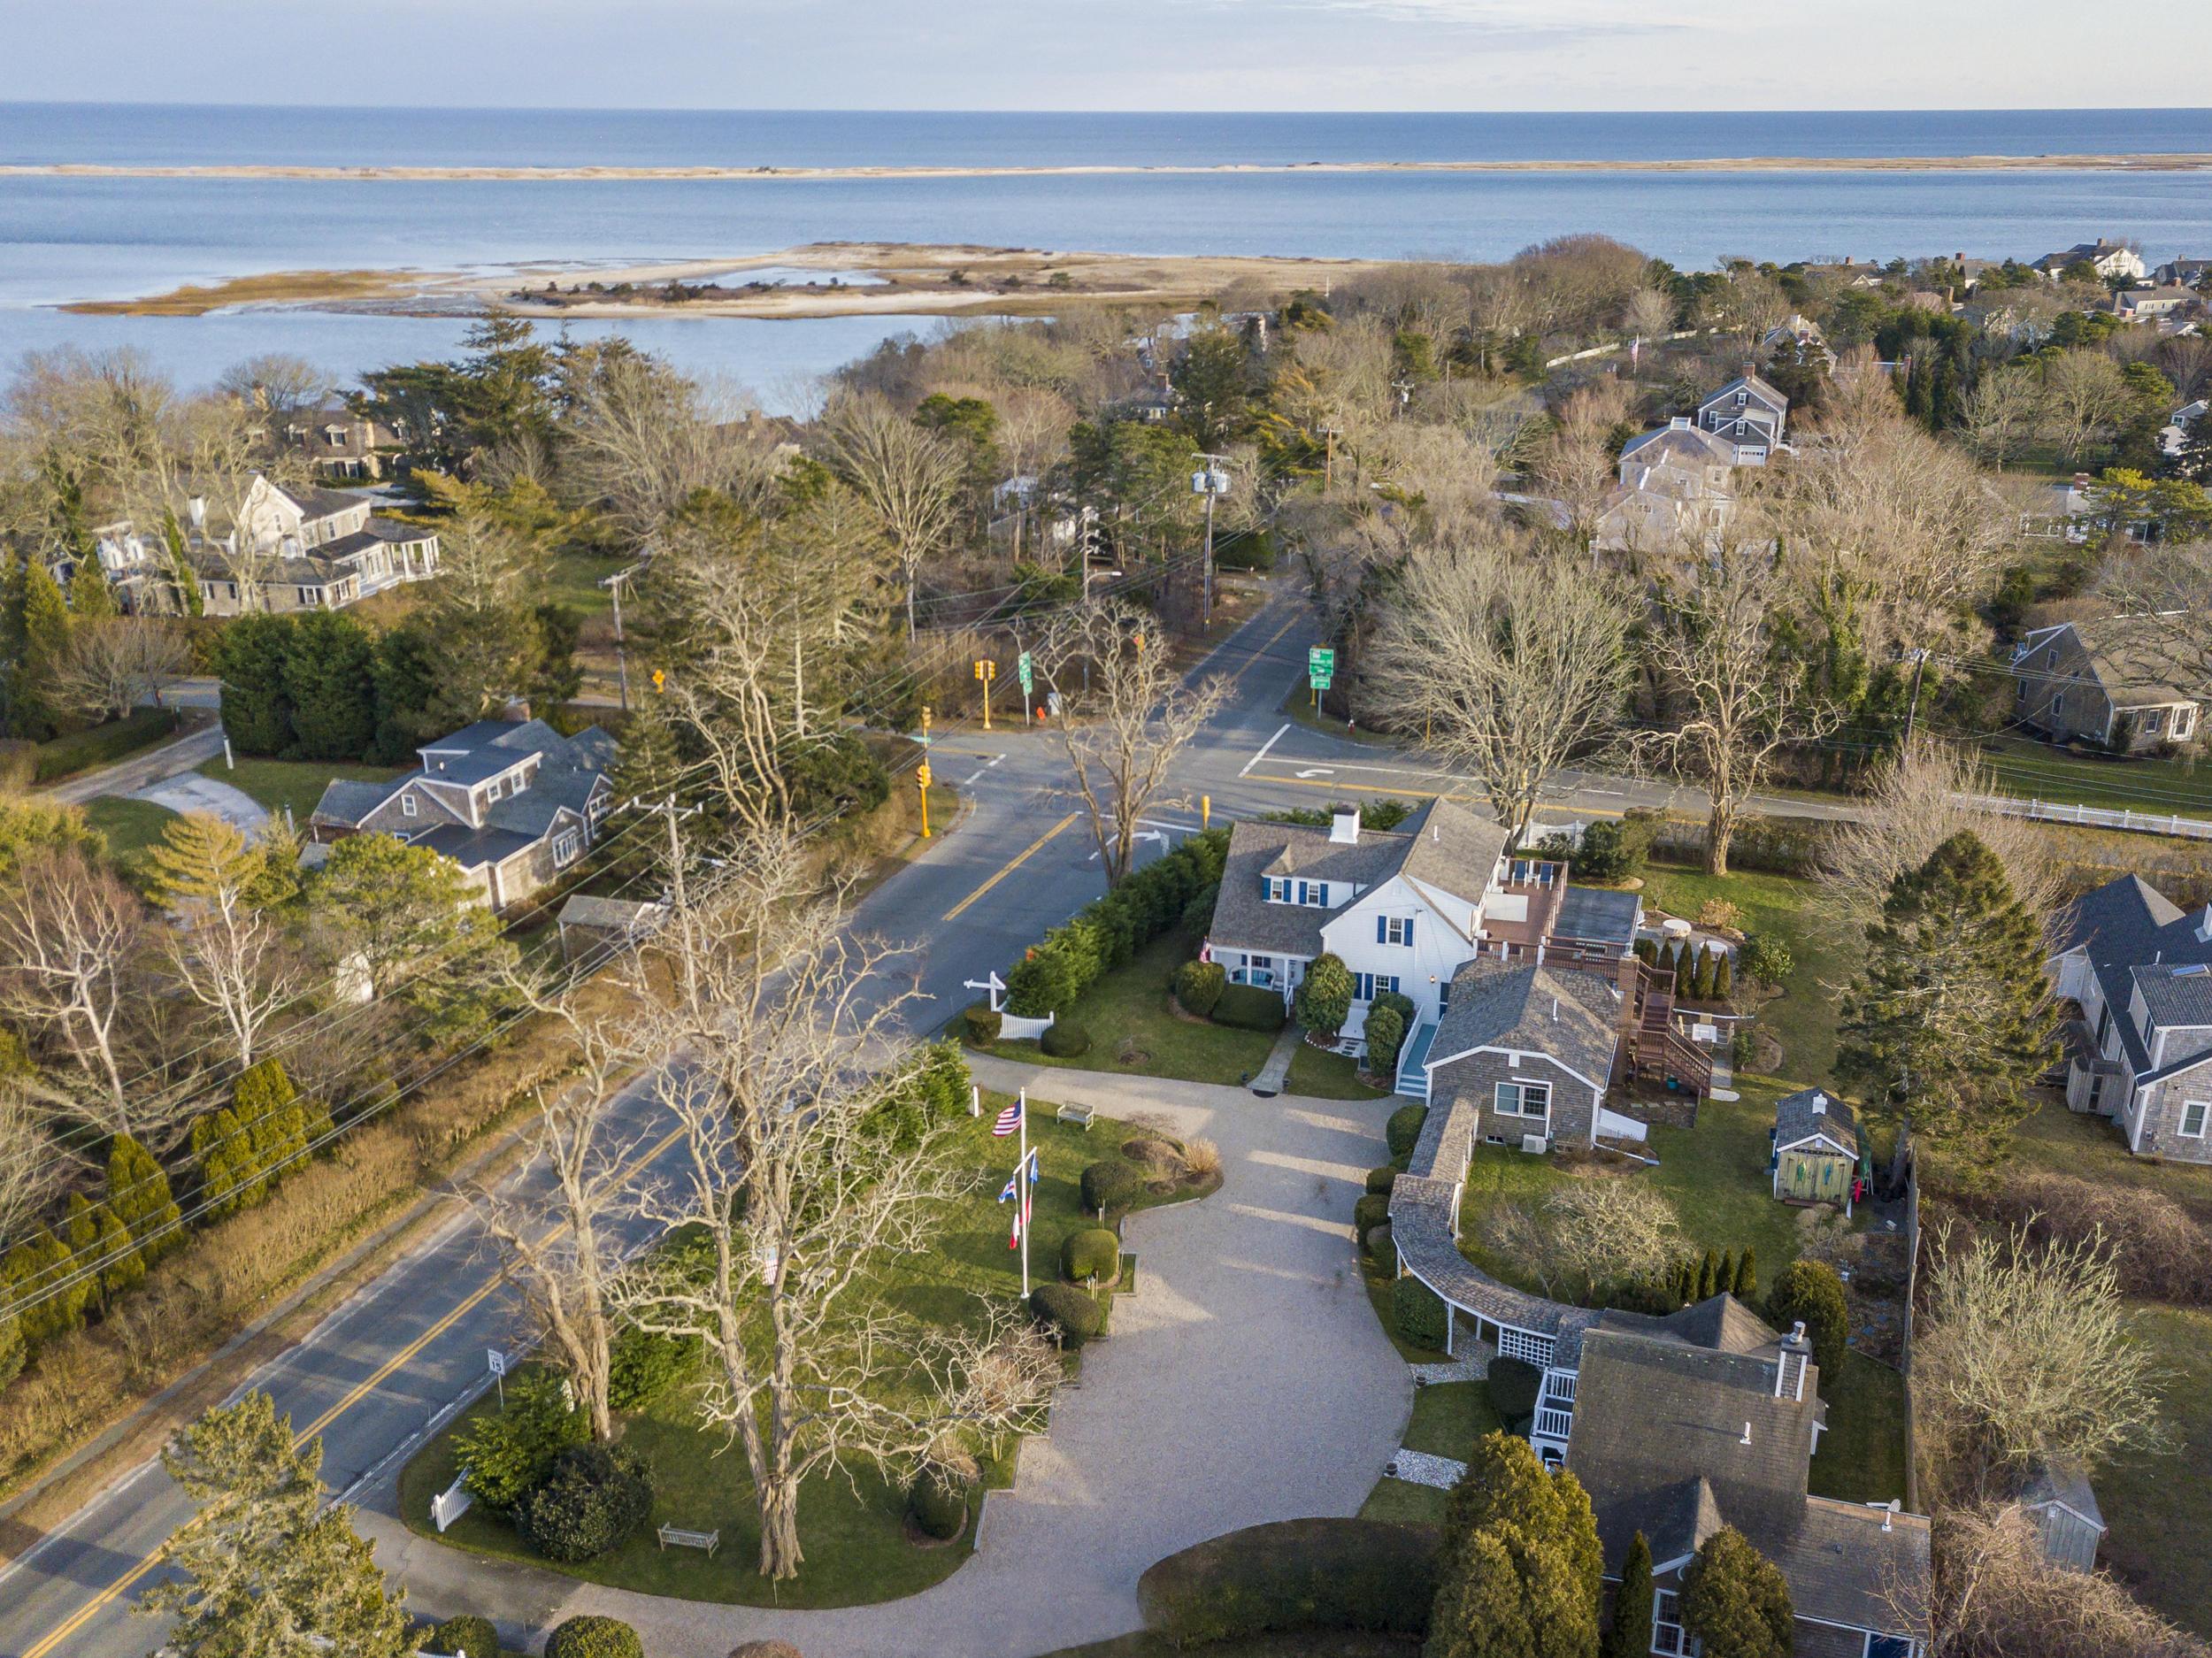 407 Old Harbor Road, Chatham, MA  02633 - slide 5